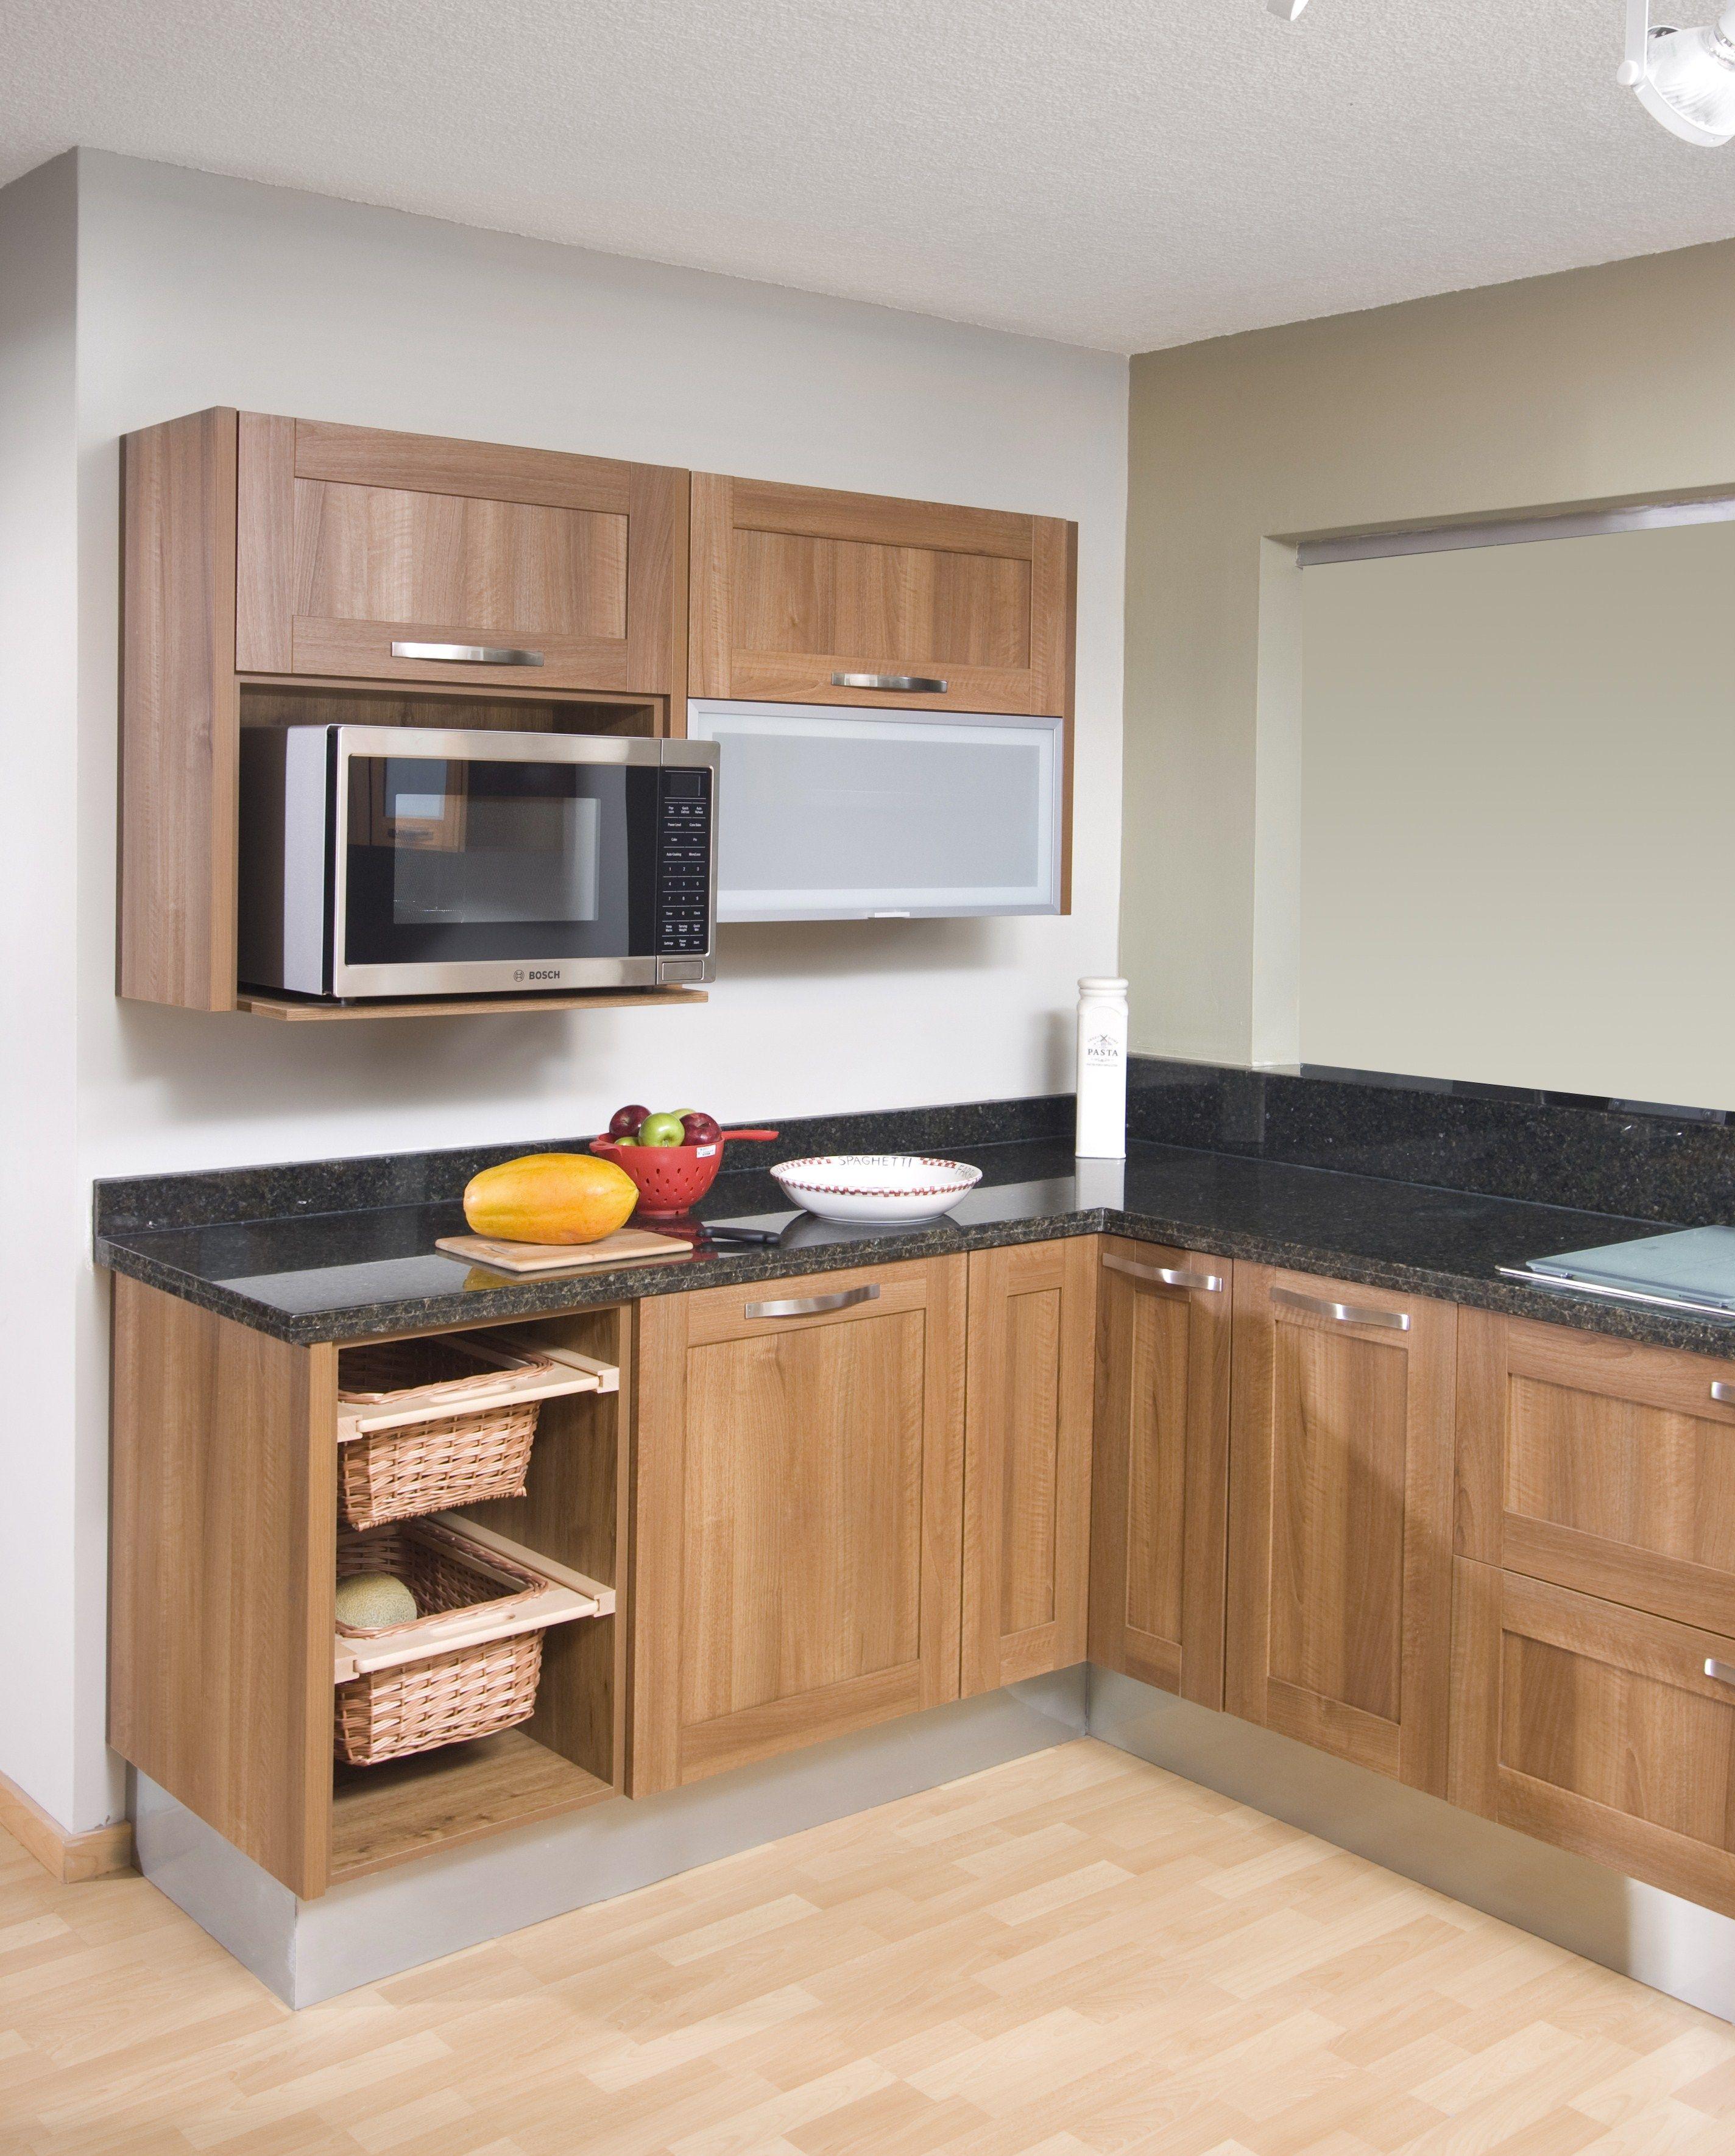 Diseno de cocinas pequenas inspiraci n de dise o de for Disenos de cocinas pequenas modernas